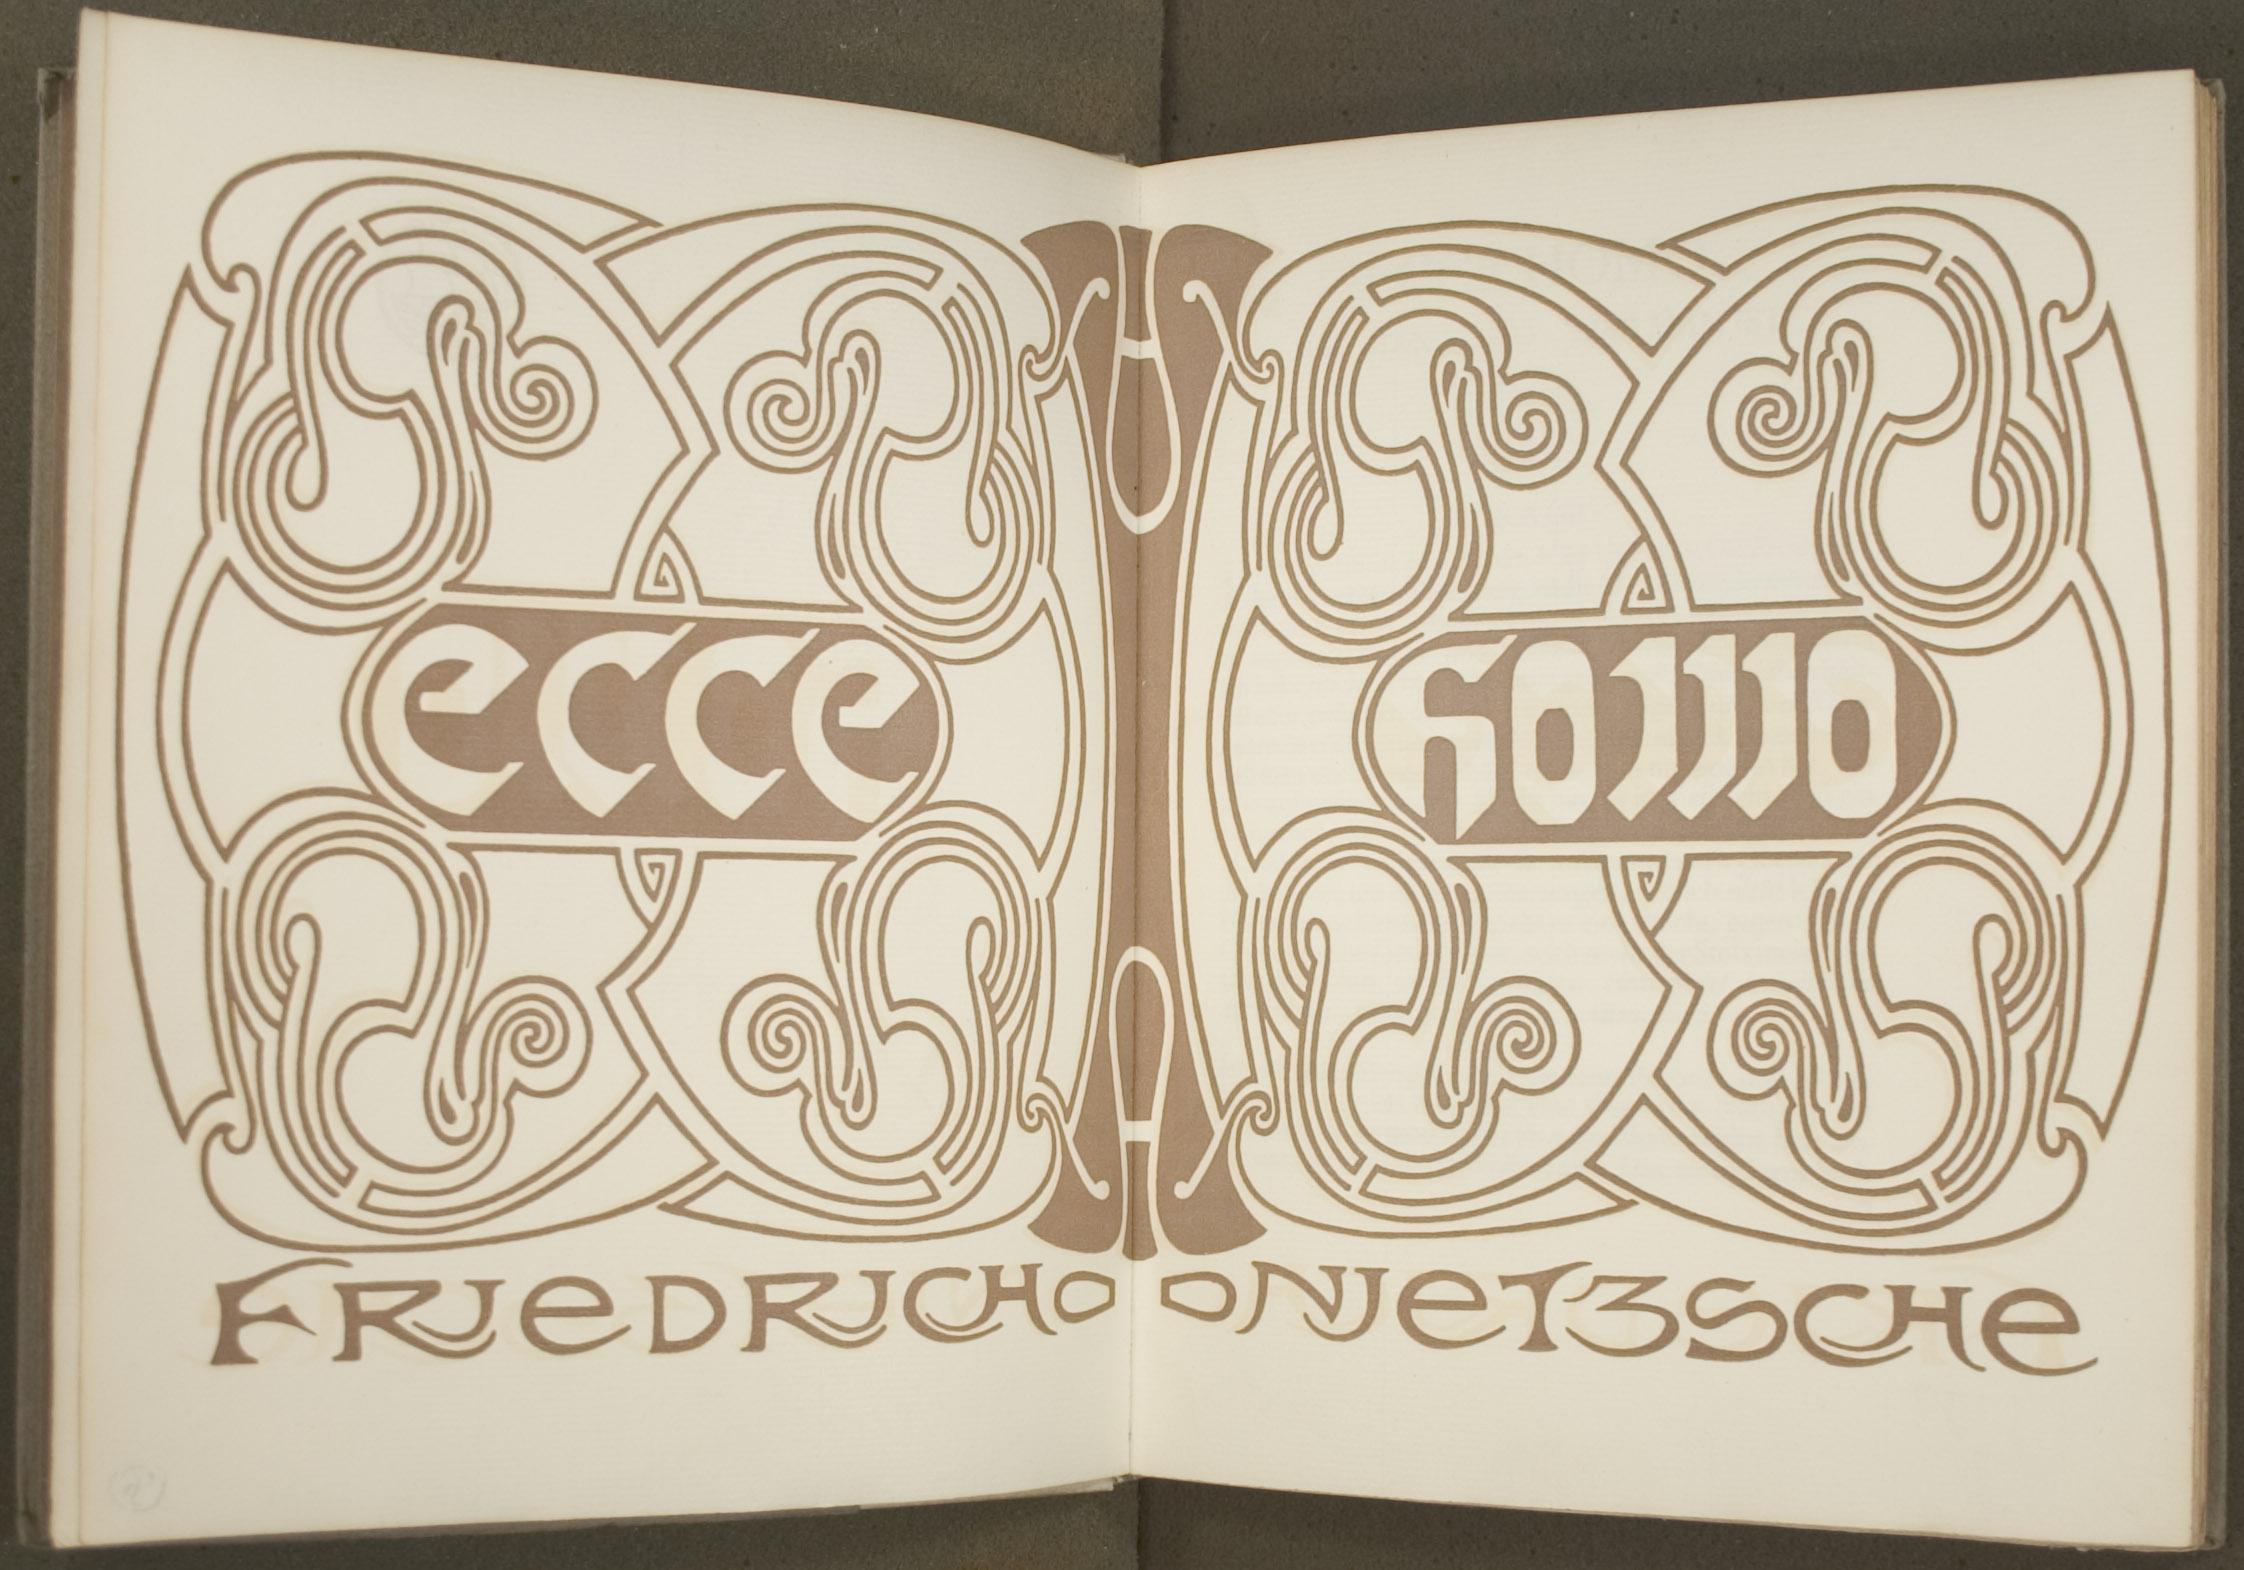 Decorated frontisiece of Nietzsche's Ecce Homo.